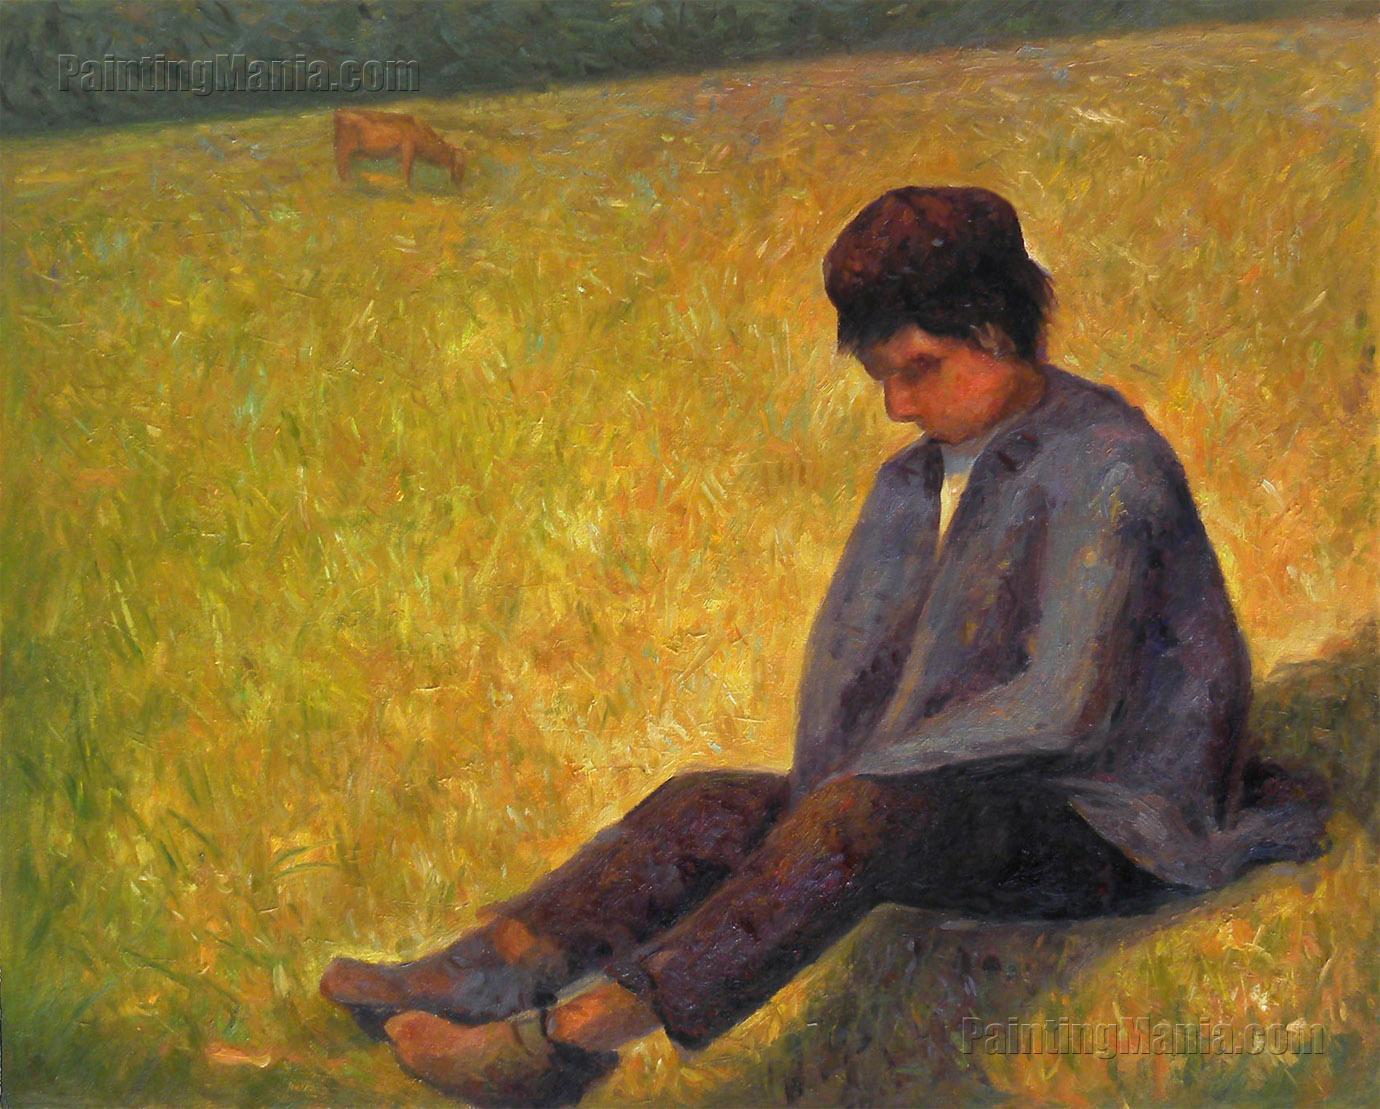 On a Meadow Sitting Boy